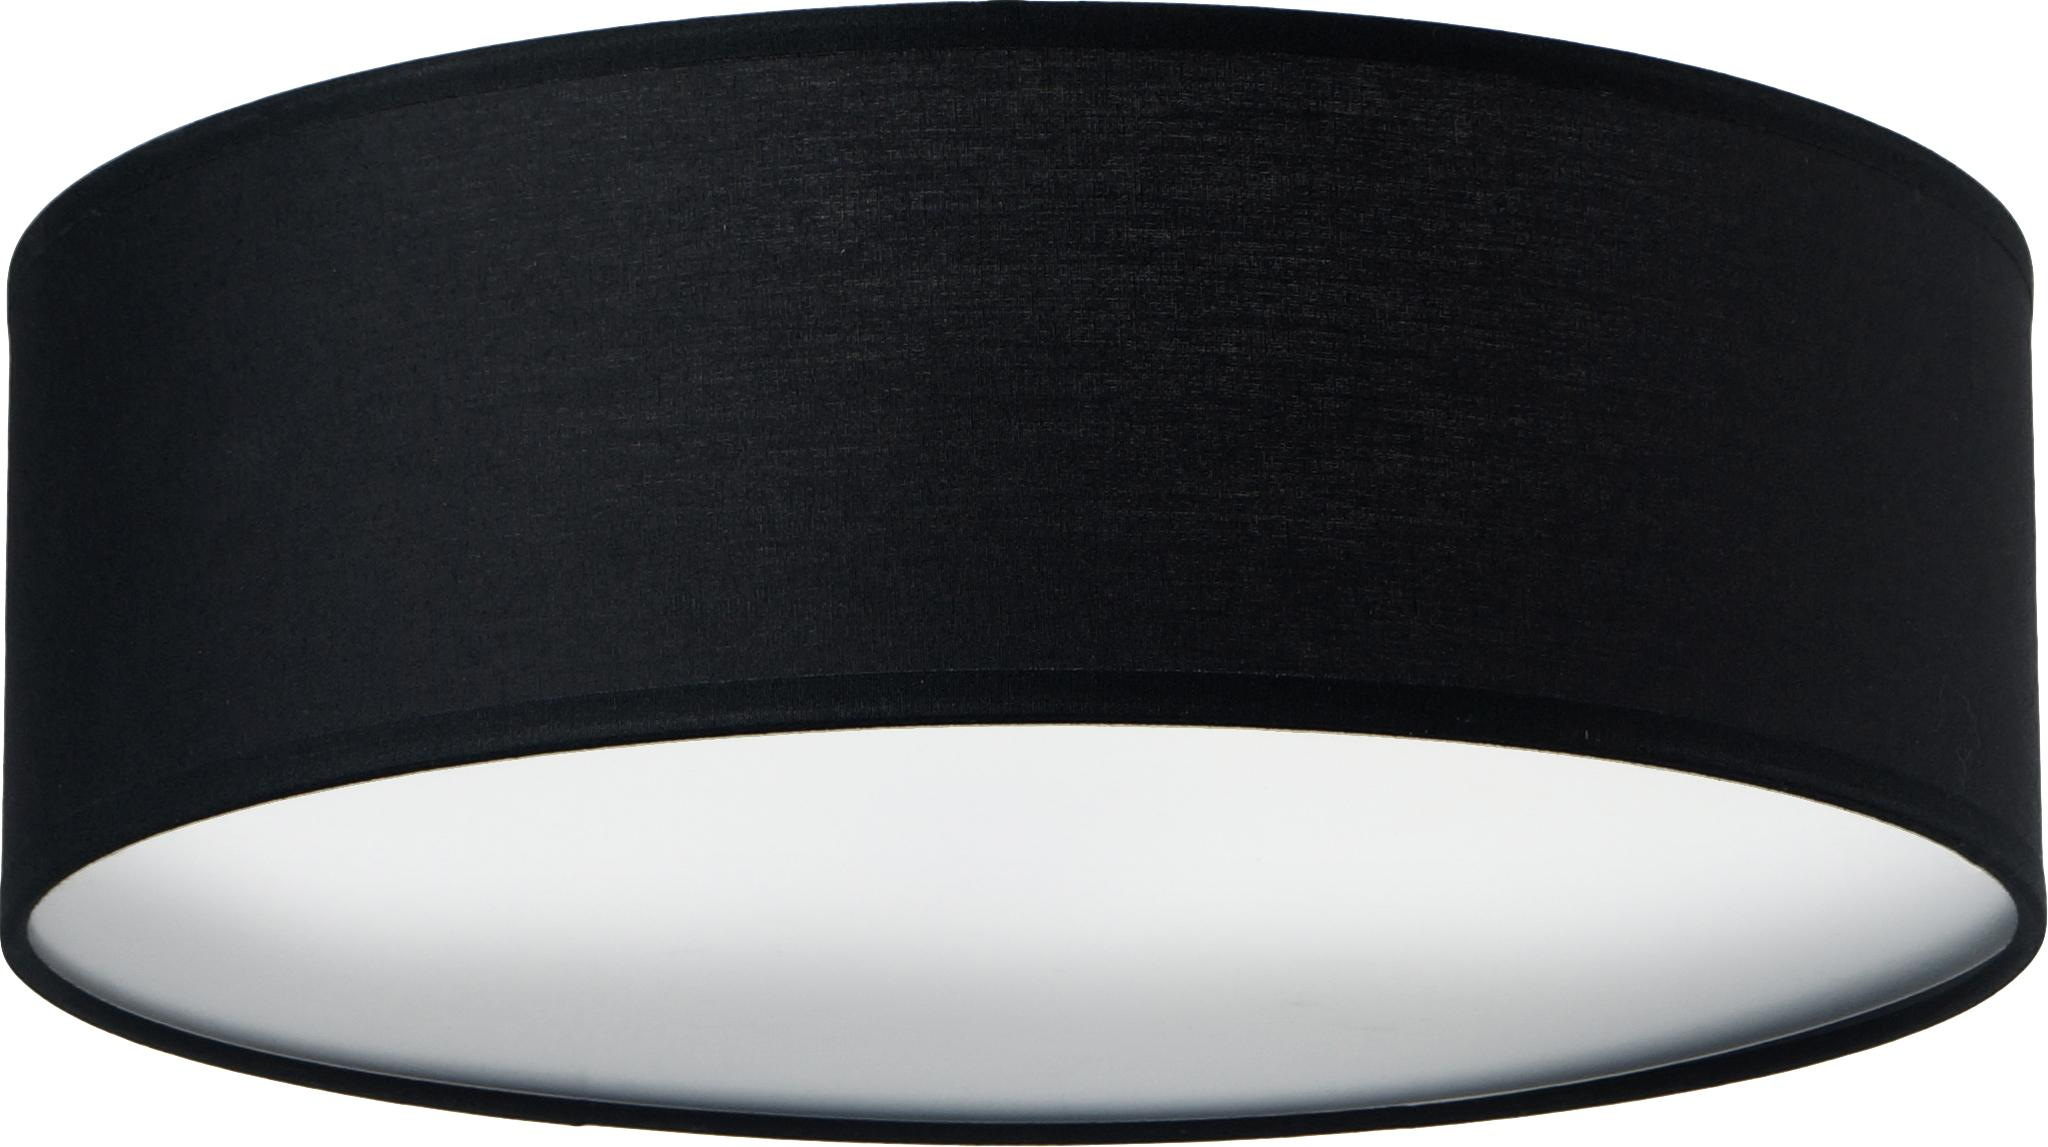 Plafoniera Mika, Nero, Ø 30 x Alt. 10 cm